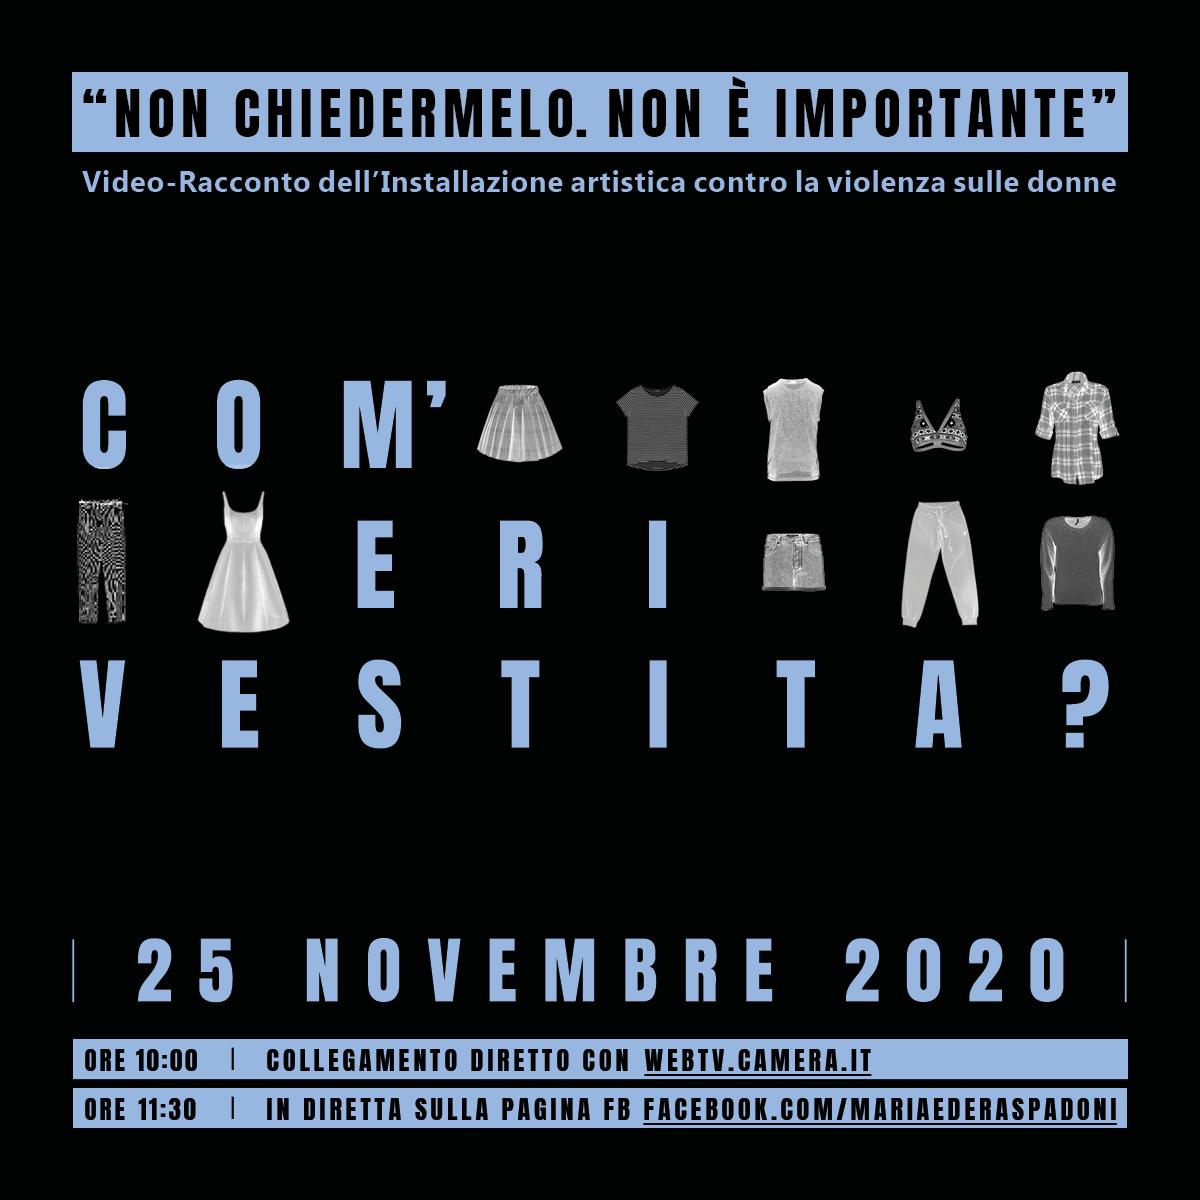 """""""NON CHIEDERMELO. NON È IMPORTANTE"""",  VIDEO-RACCONTO della MOSTRA """"COM'ERI VESTITA?"""", CONTRO LA VIOLENZA SULLE DONNE"""